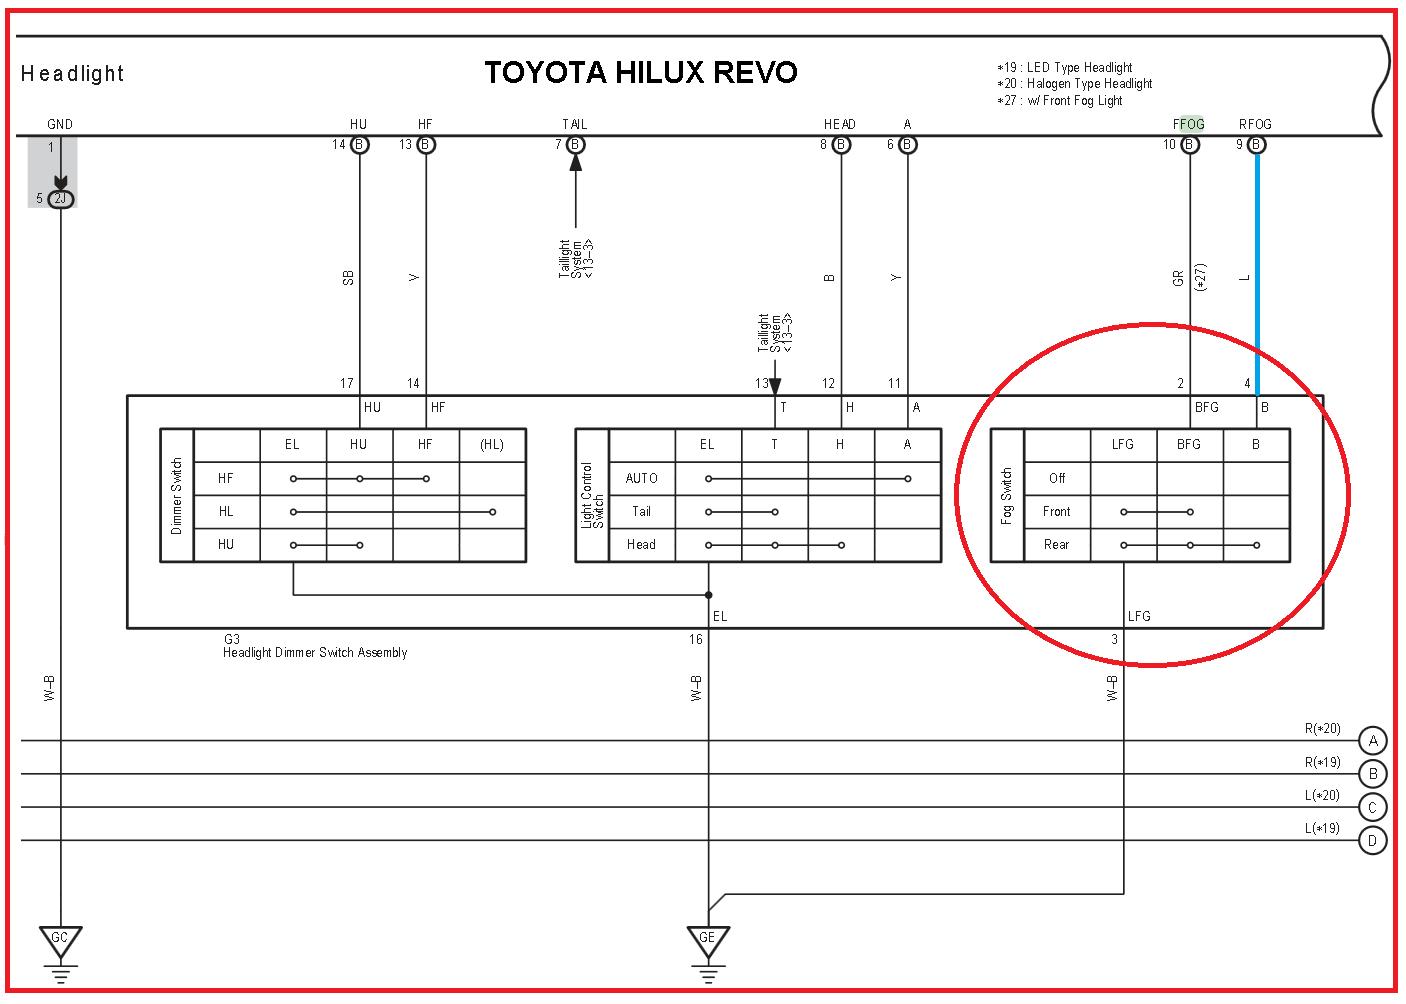 Toyota Hilux Revo Wiring Engine Diagram Rear Fog